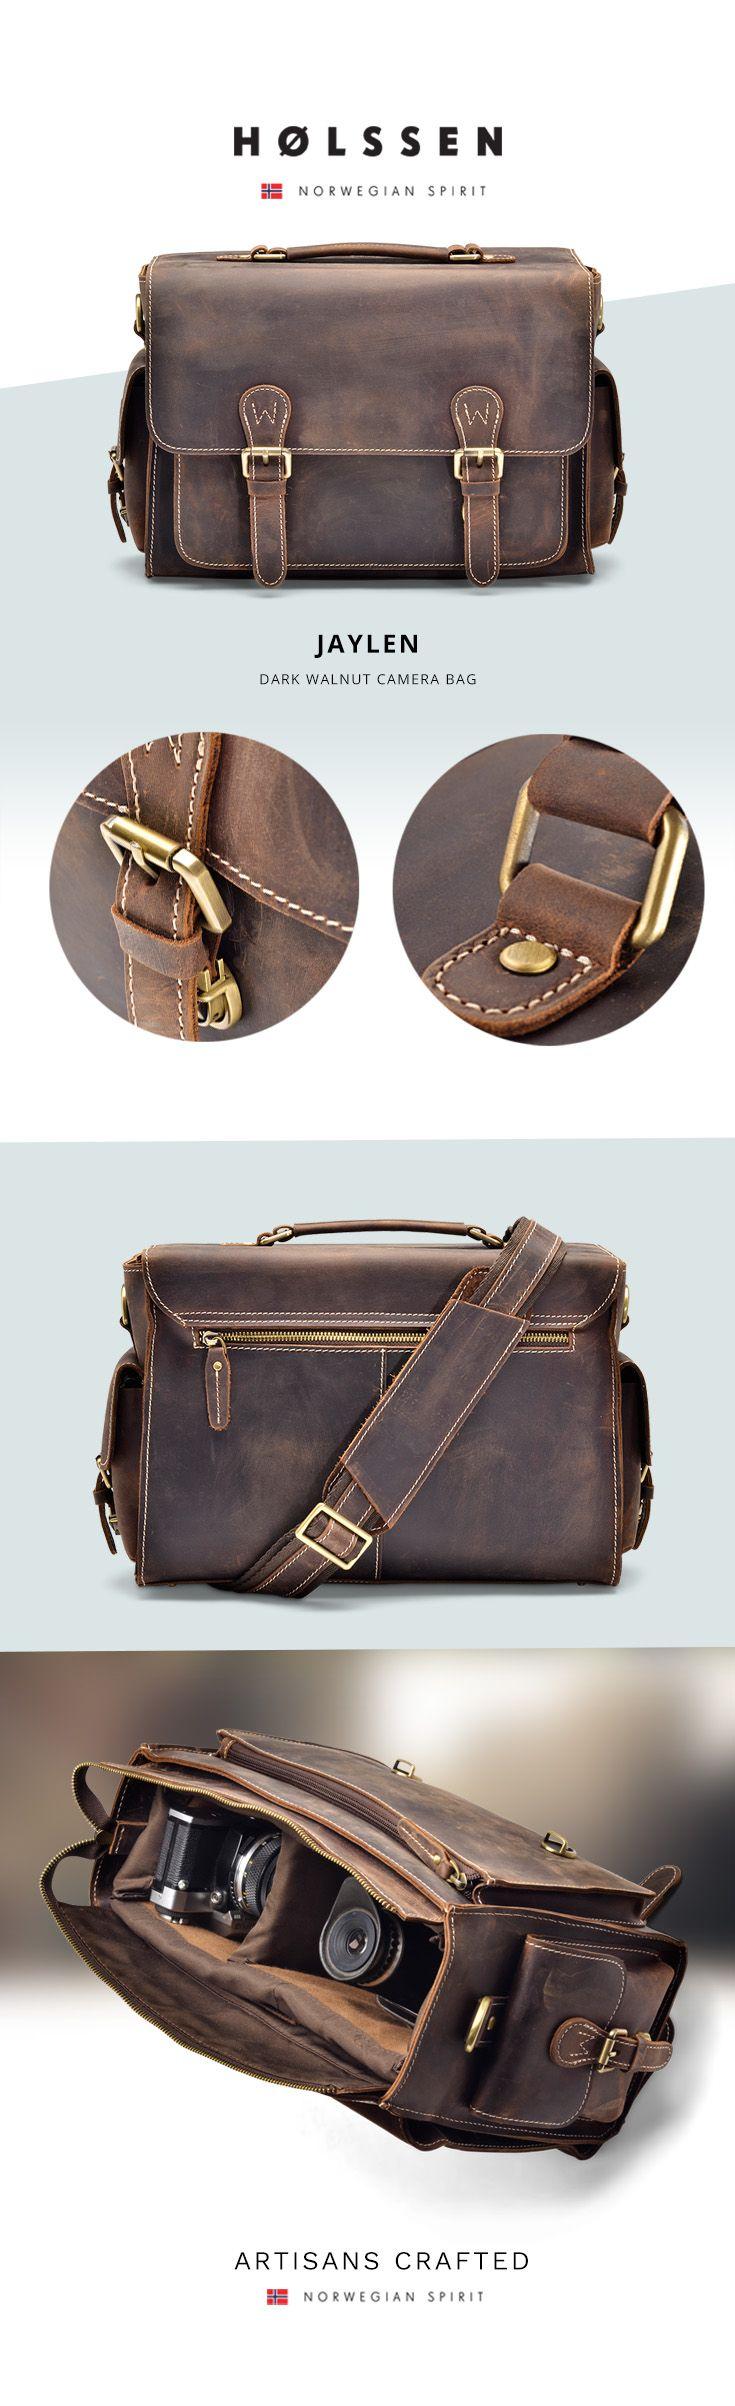 Vintage Leather Camera Bag for DSLR Photographers